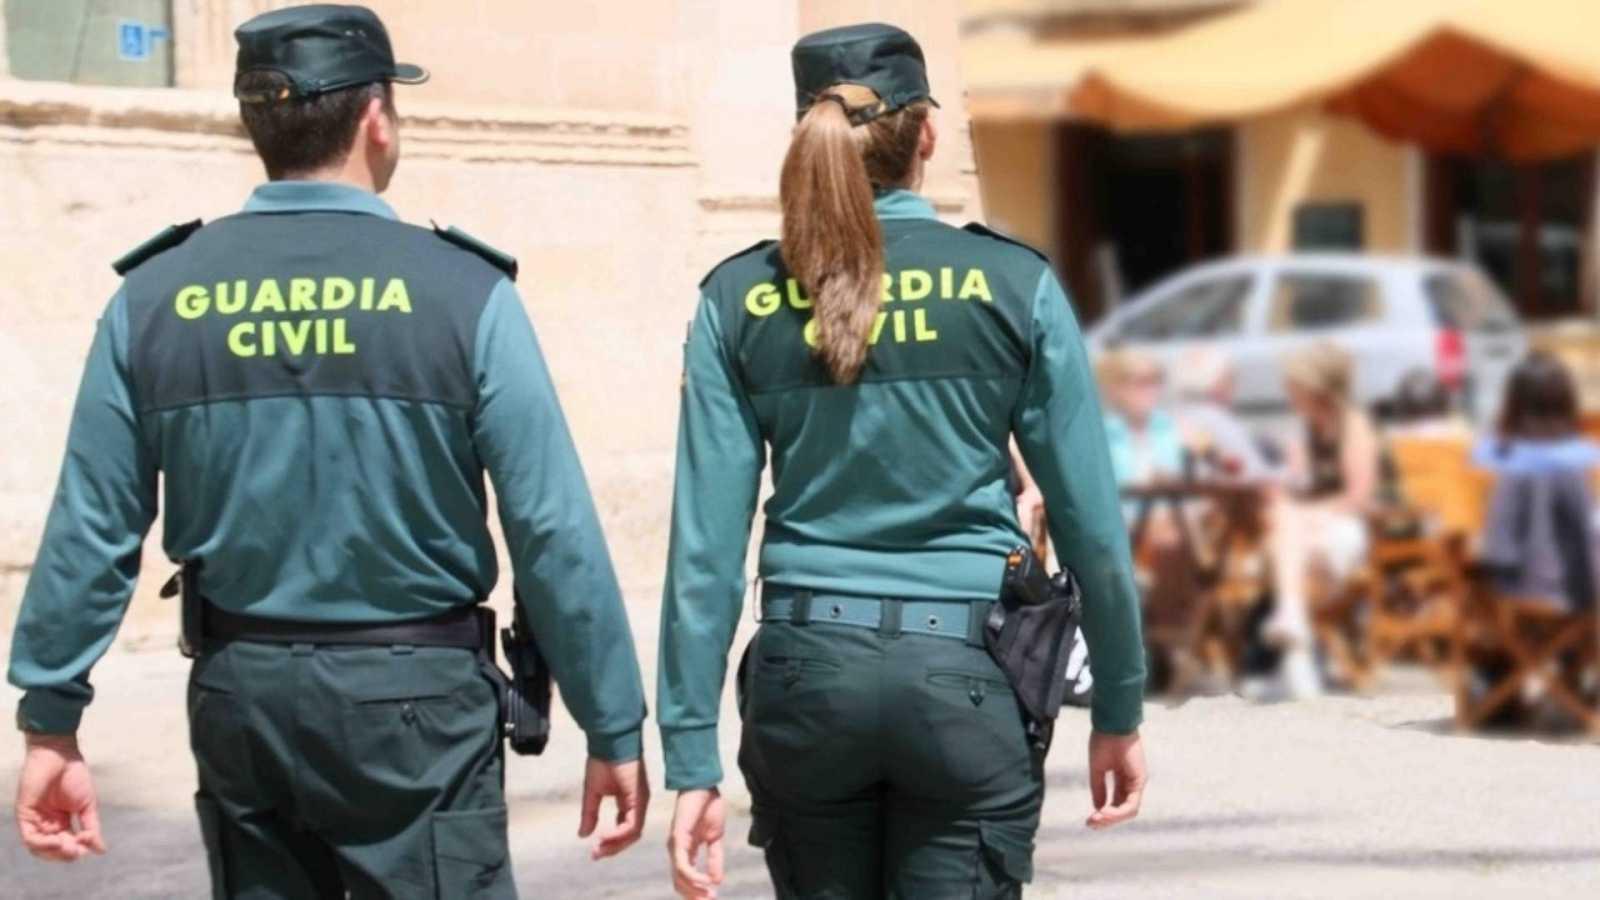 20 horas informativos fin de semana - La guardia civil detecta un intento de timo con la vacunación de los mayores - Escuchar ahora